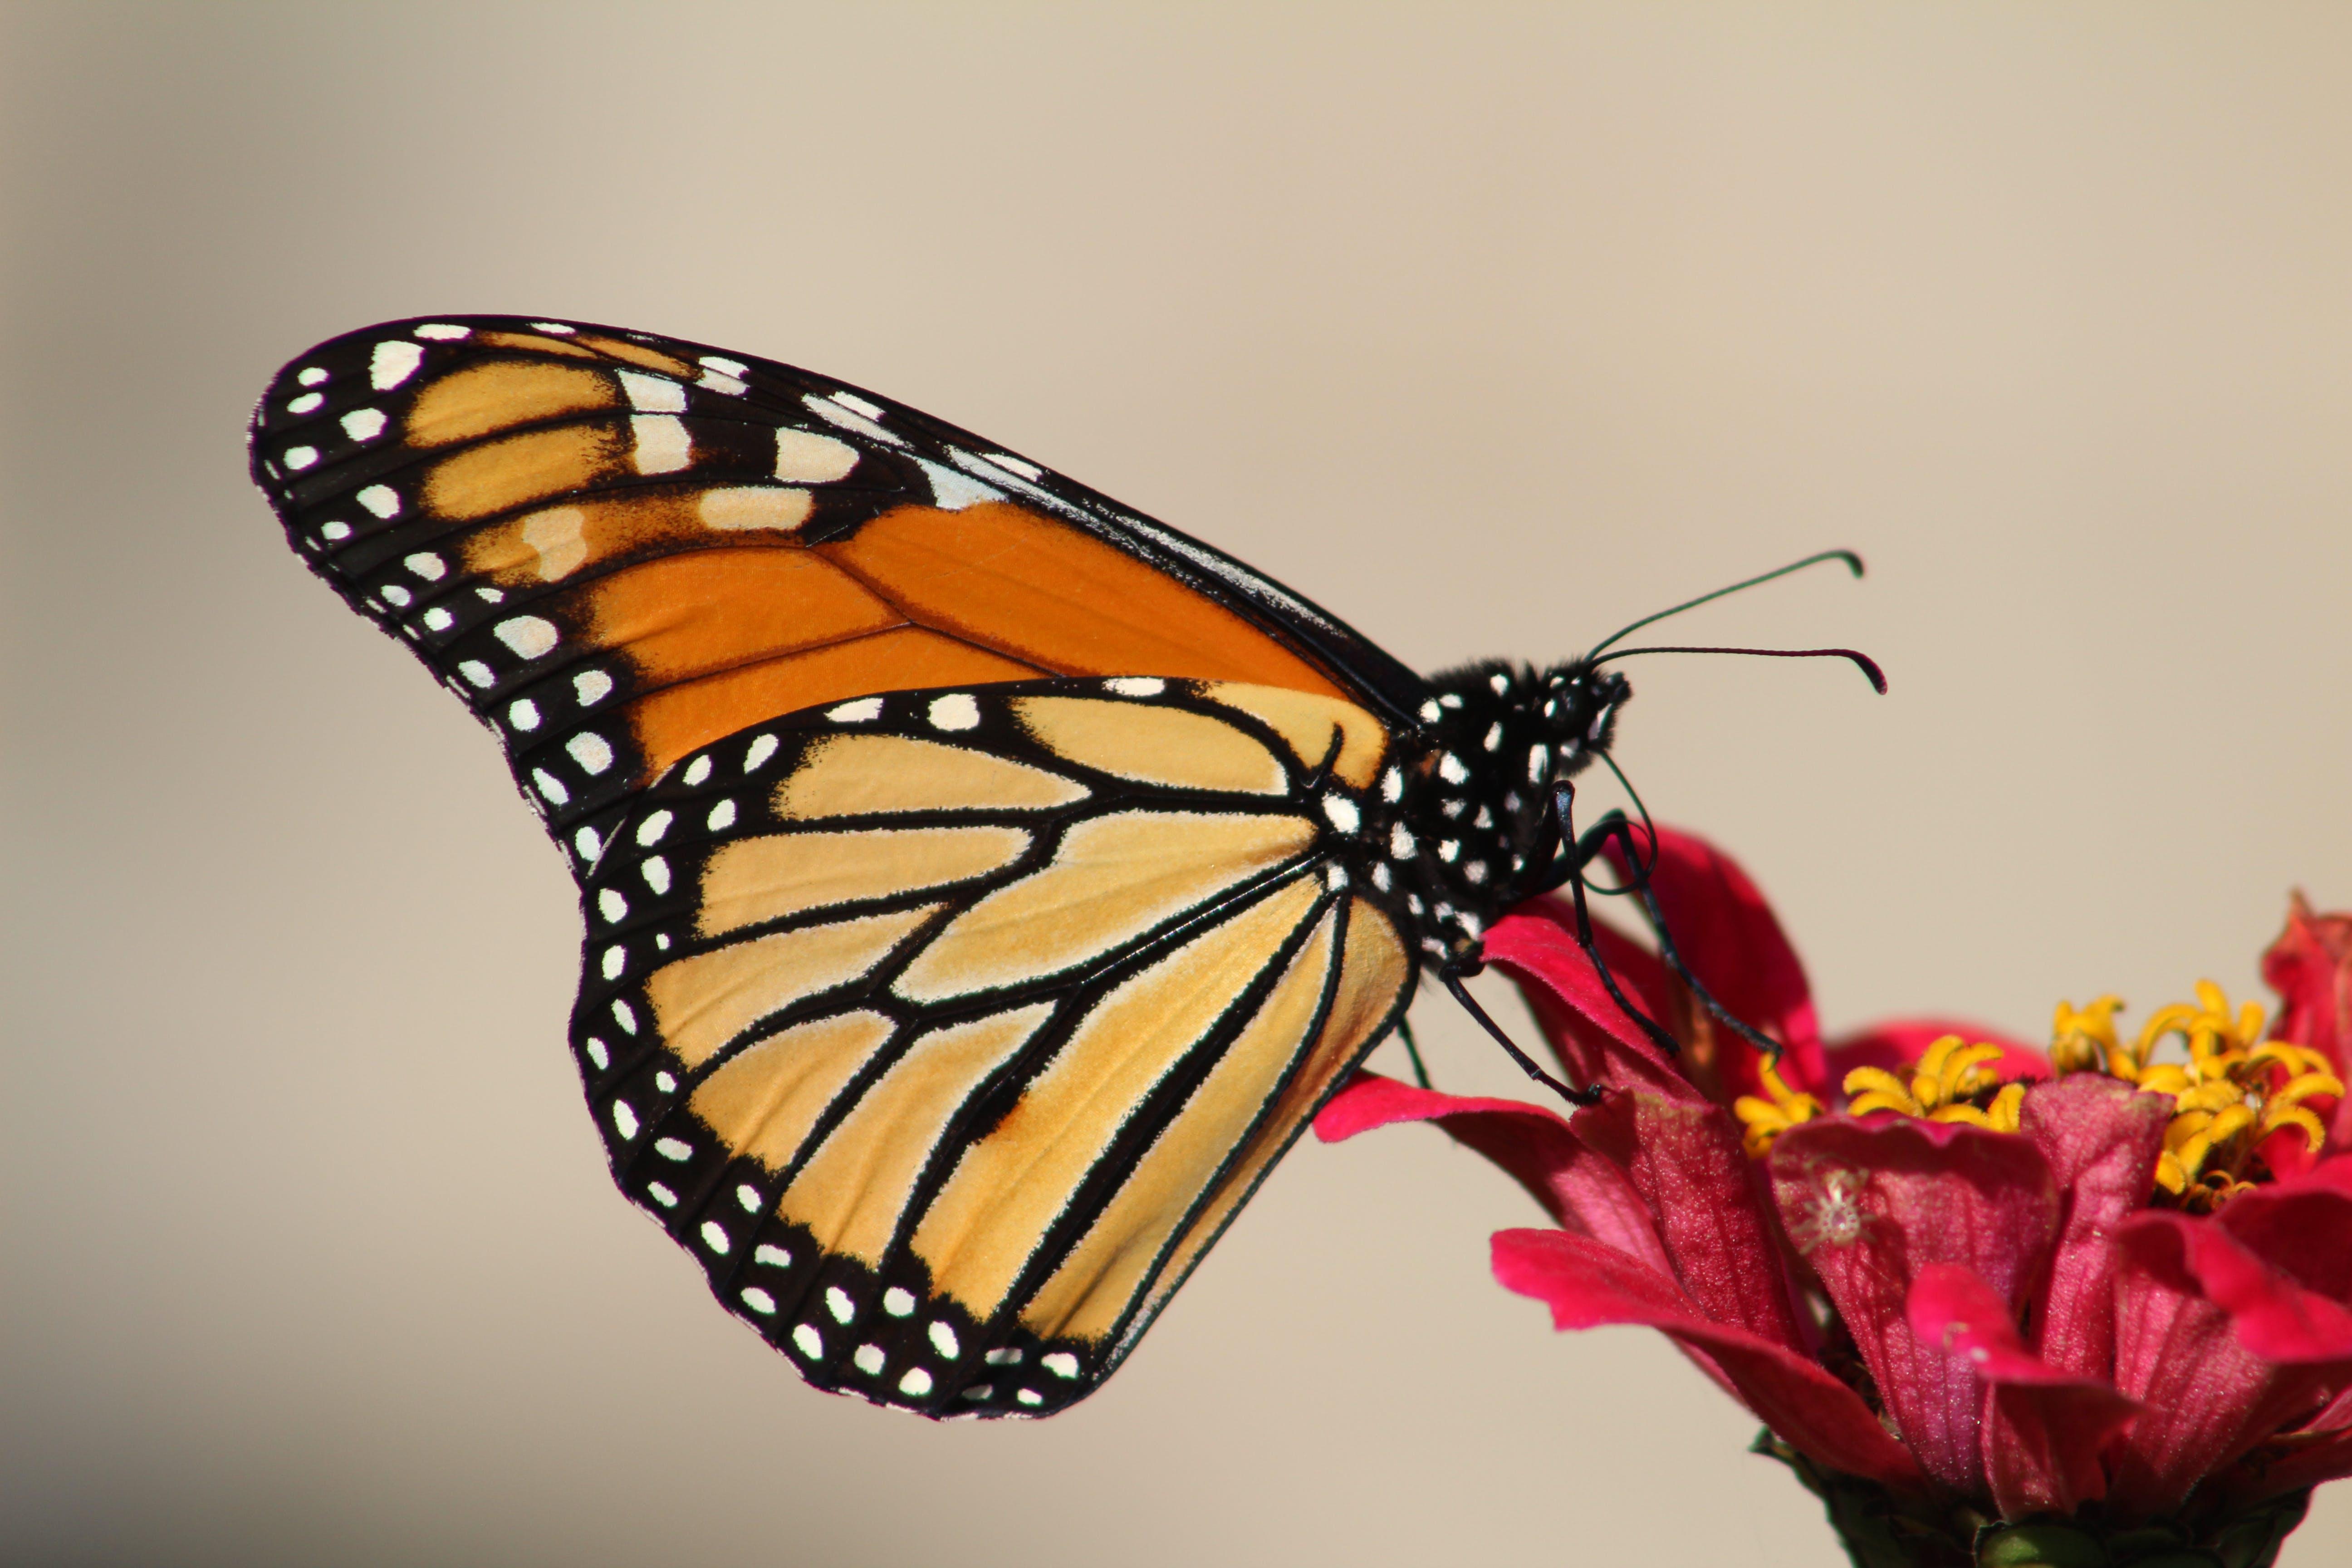 動物, 夏天, 帝王蝶, 微妙 的 免费素材照片